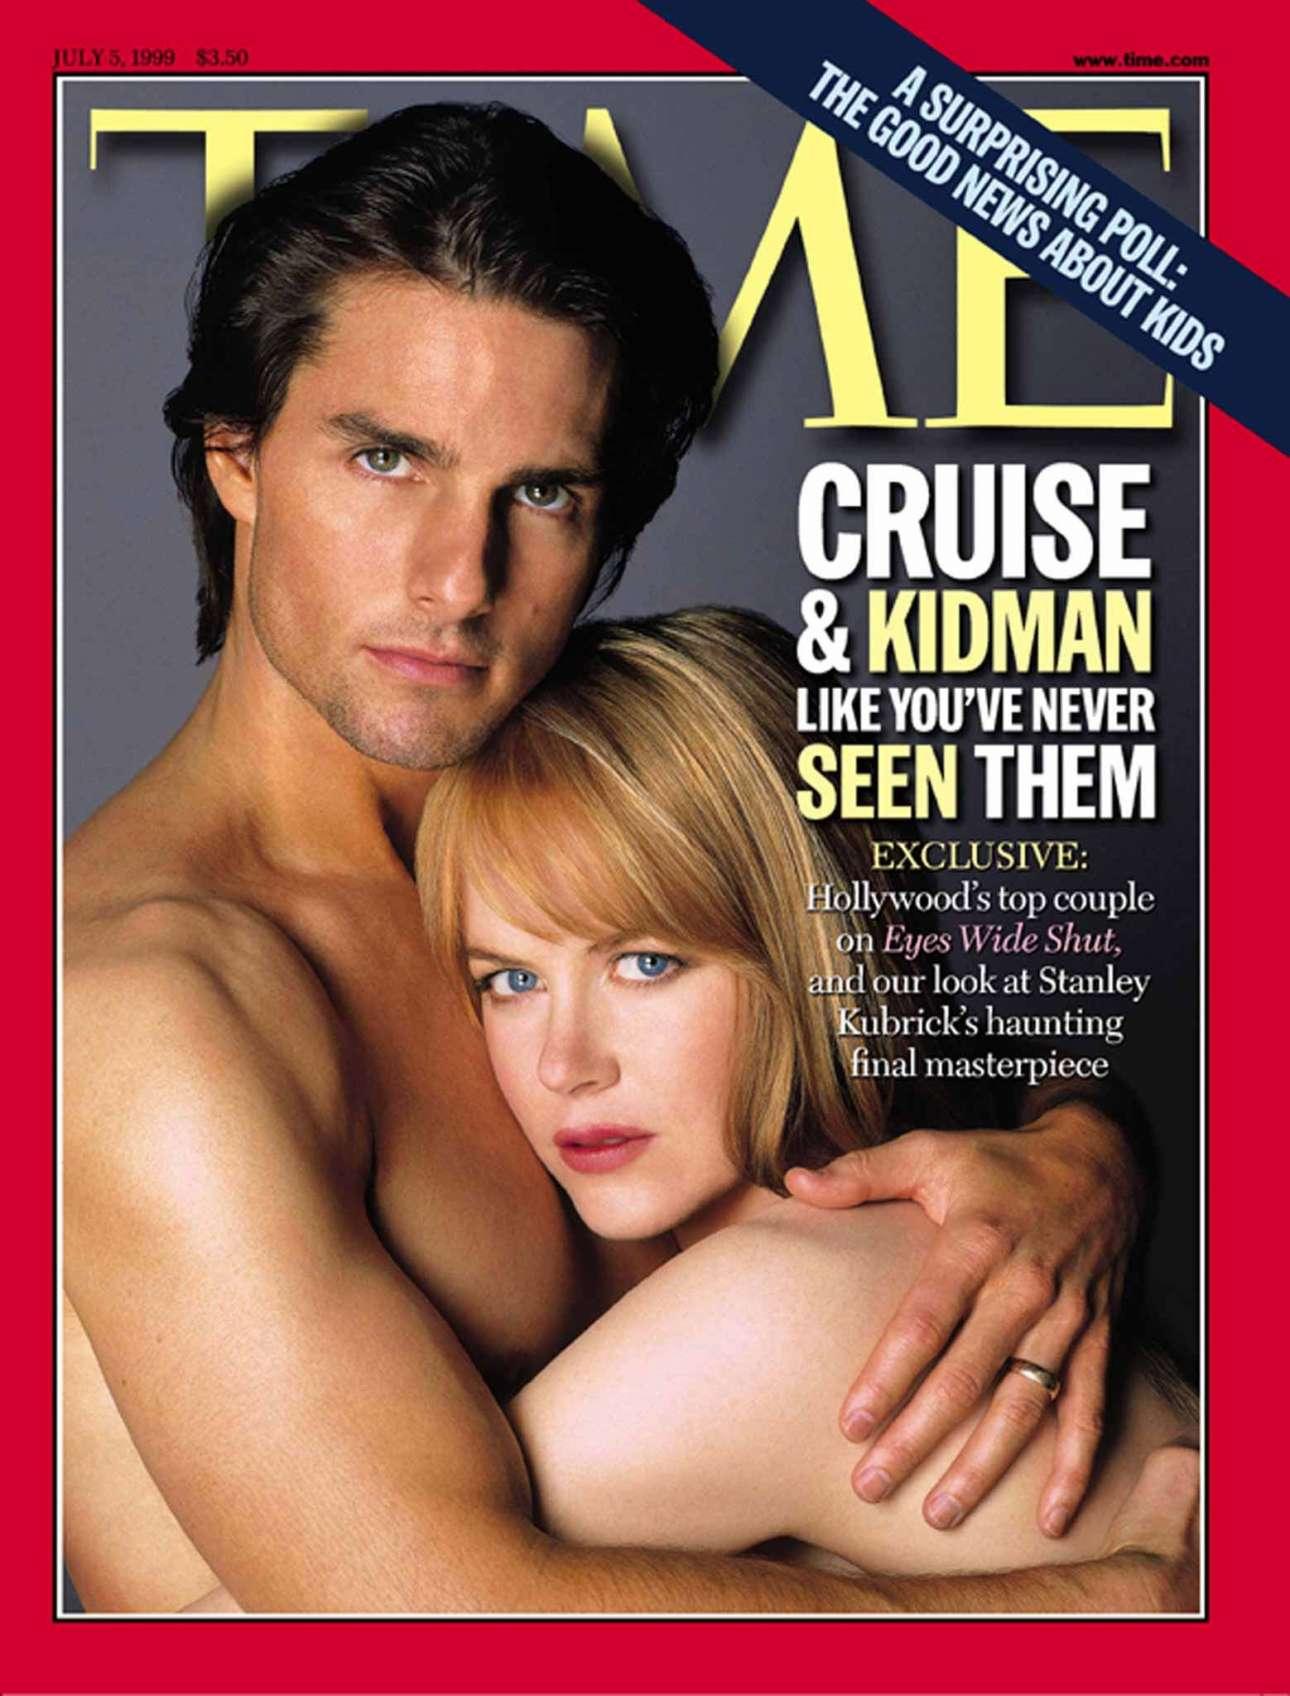 Ο Τομ Κρουζ με την τότε σύζυγό του Νικόλ Κίντμαν ποζάρουν ημίγυμνοι και αγκαλιασμένοι με αφορμή την ταινία «Μάτια Ερμητικά Κλειστά» το 1999. Ηταν όμως το κύκνειο άσμα του Στάνλεϊ Κιούμπρικ αυτό που διέλυσε τον γάμο τους;